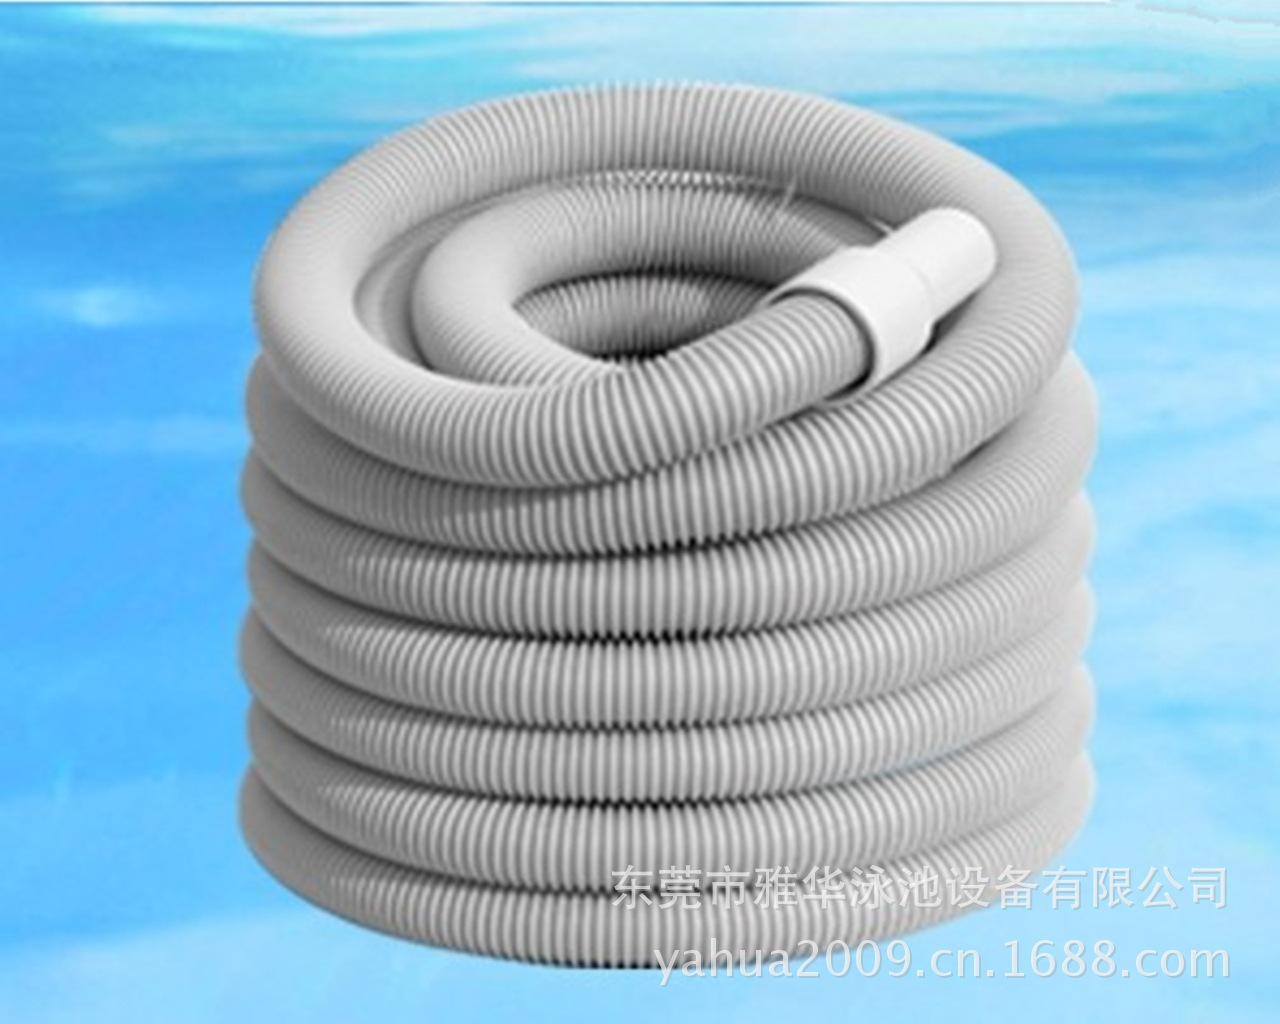 EMAUX/意万仕 泳池清洁工具 吸污管 耐用弹性吸池喉